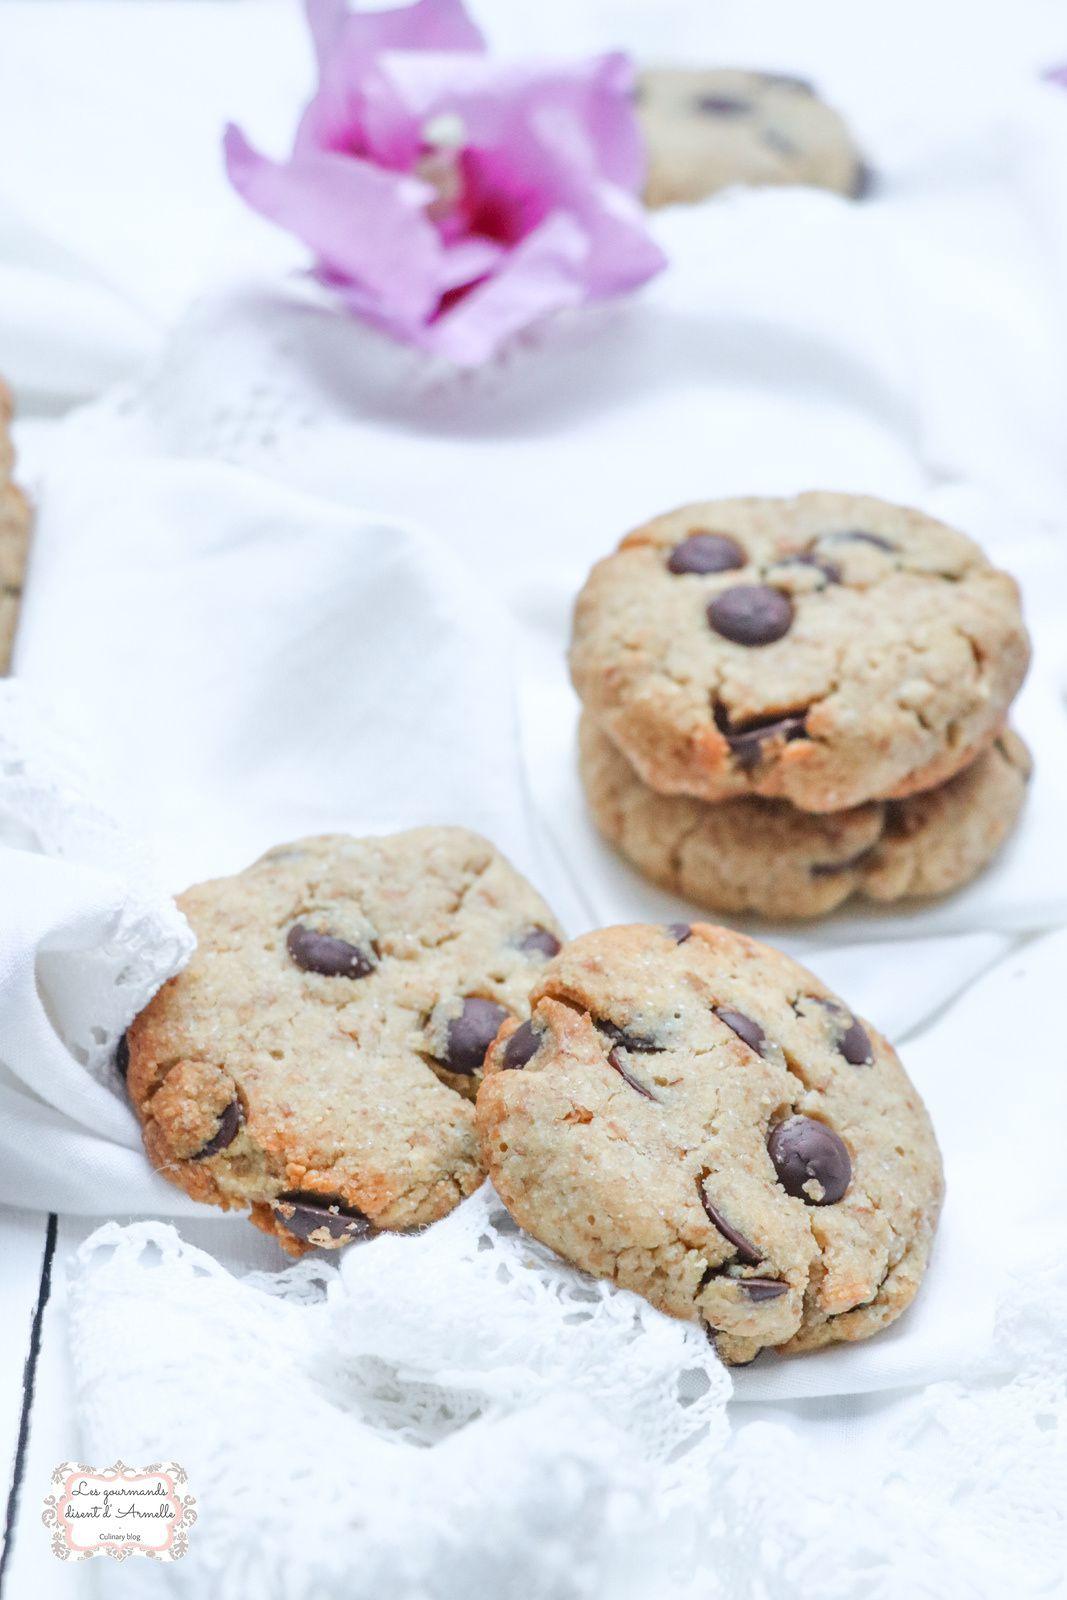 Cookies vegan à la purée de cacahuète @ Les gourmands {disent} d'Armelle